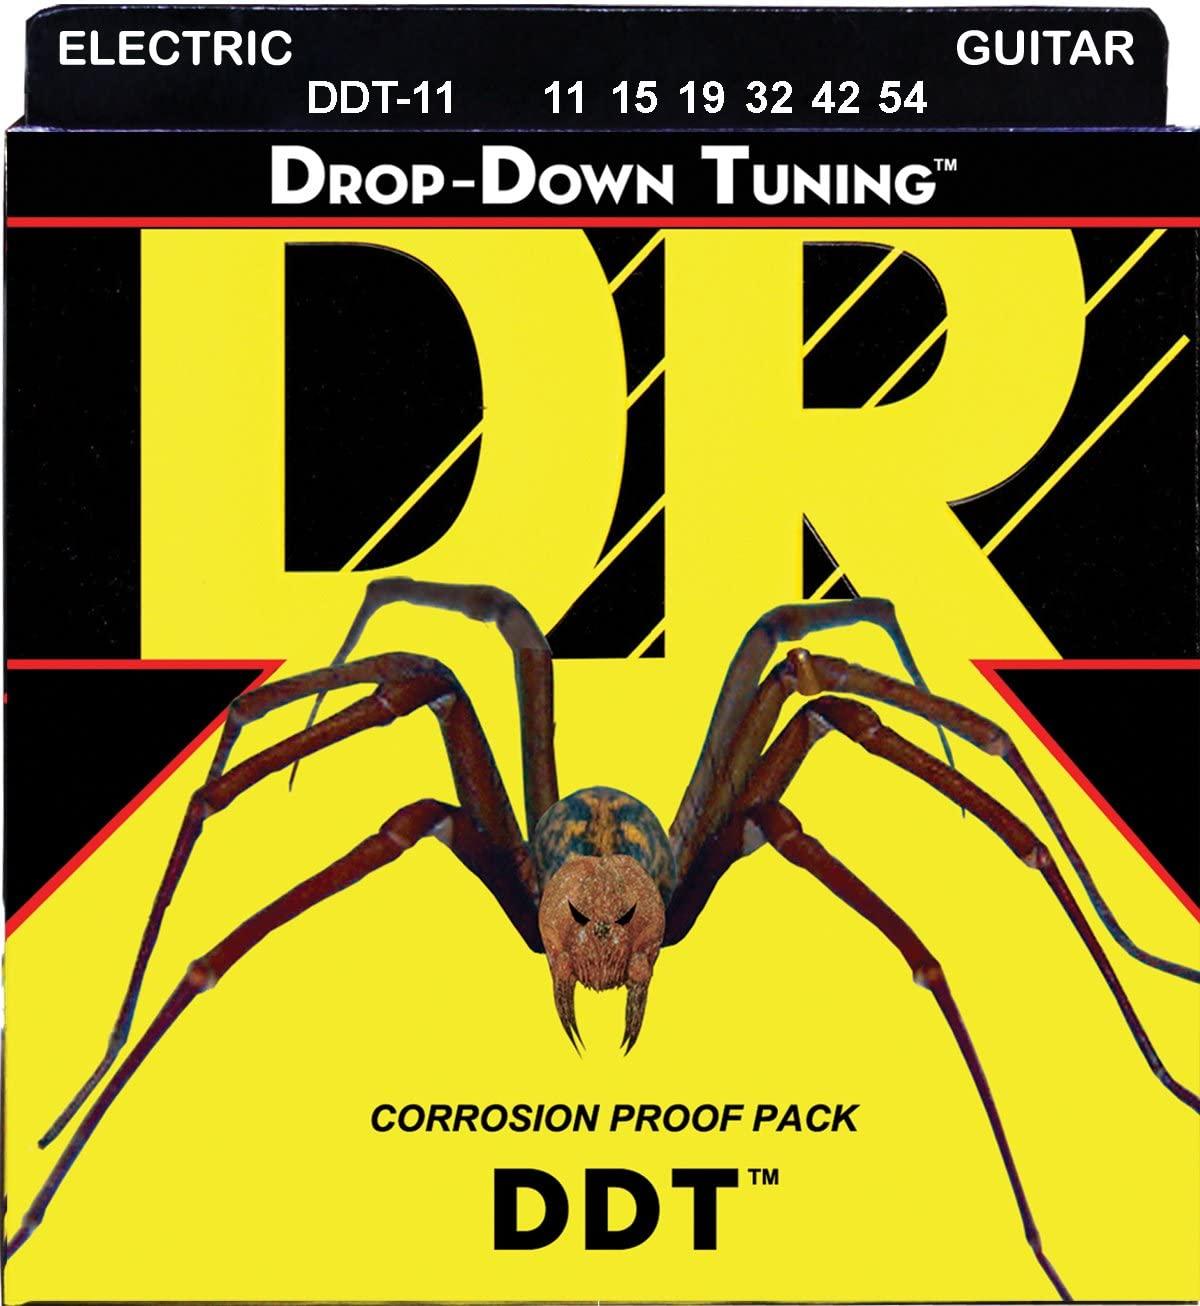 DR DDT 11-54 Electric Guitar String Set